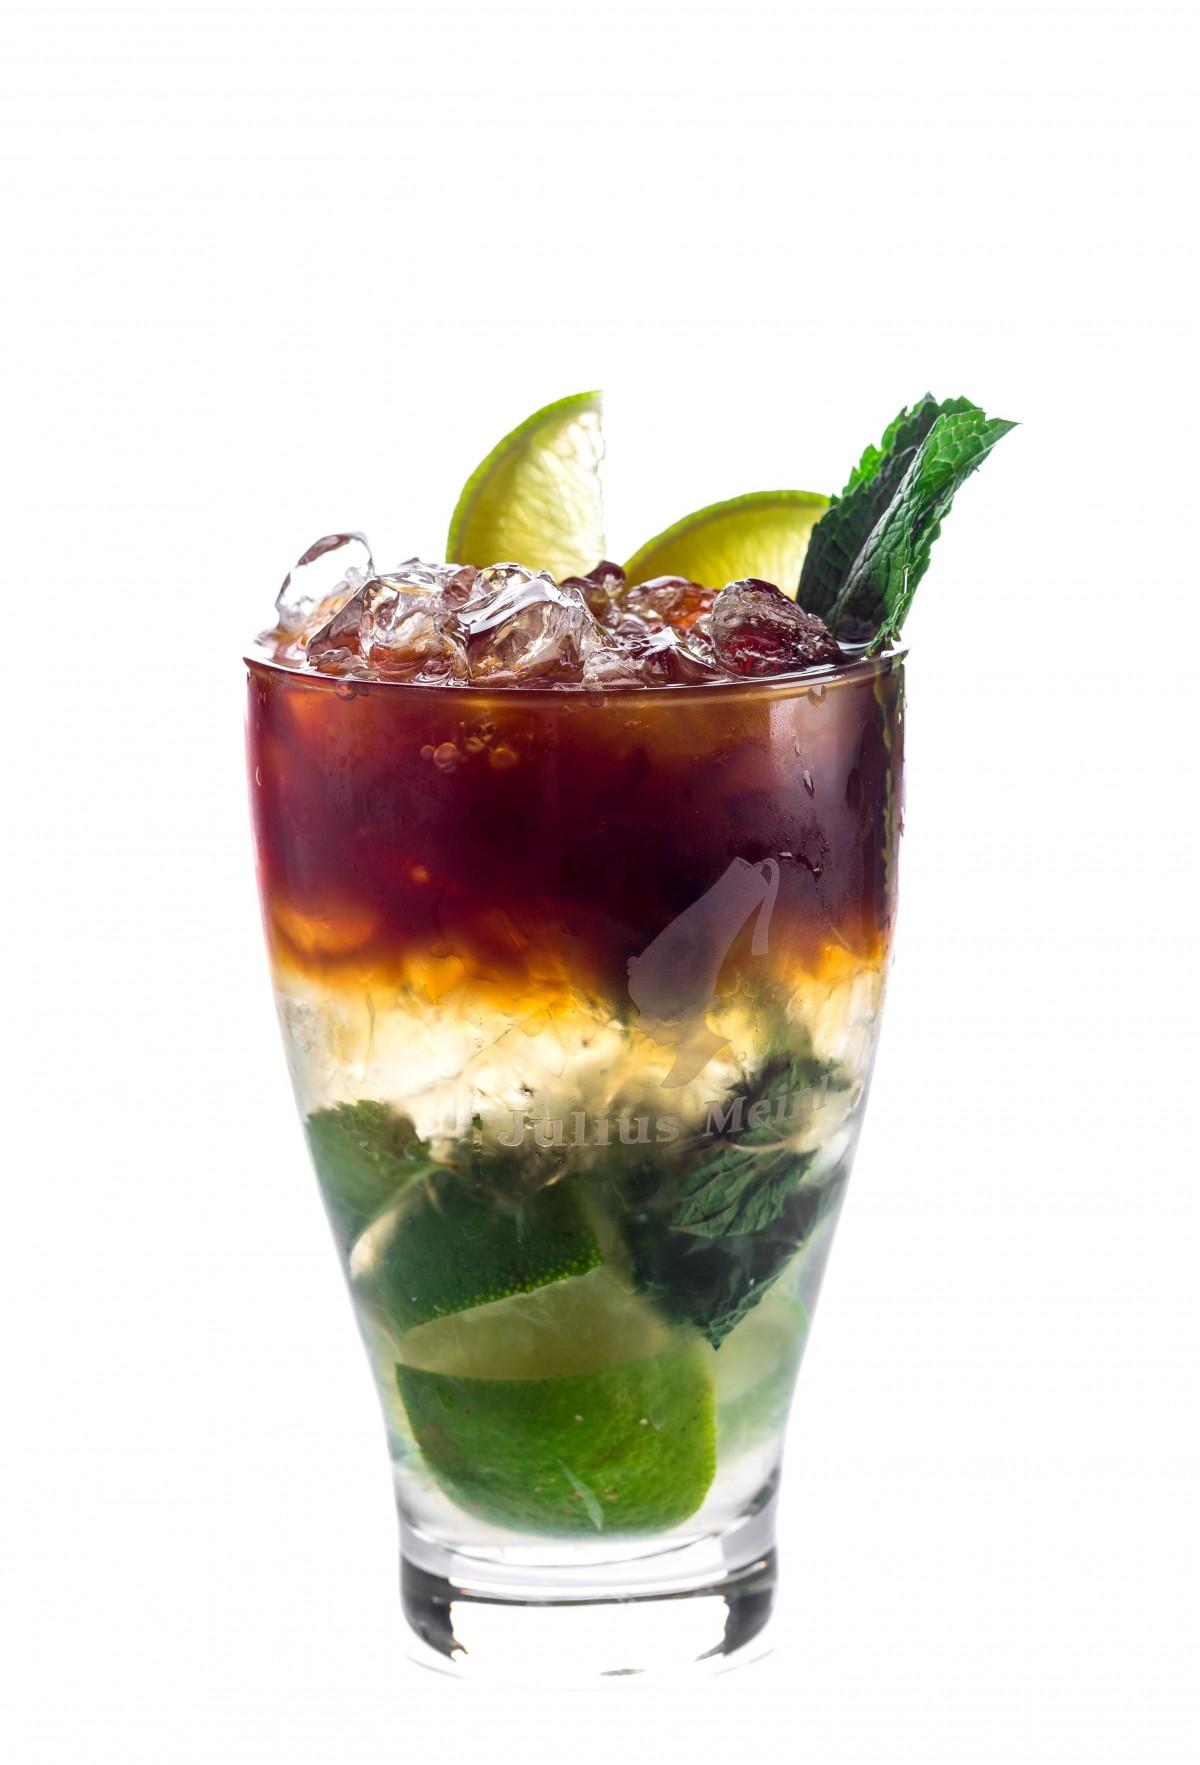 kald glass sommer Bar mat produsere Meny drikke dessert alkohol cocktail mojito drikkevarer likør forfriskende smak alkoholholdig drikke tørsten binge brennevin ikke-alkoholholdige drikke mai tai cuba libre mint julep caipiroska caipirinha alkoholholdige cocktail